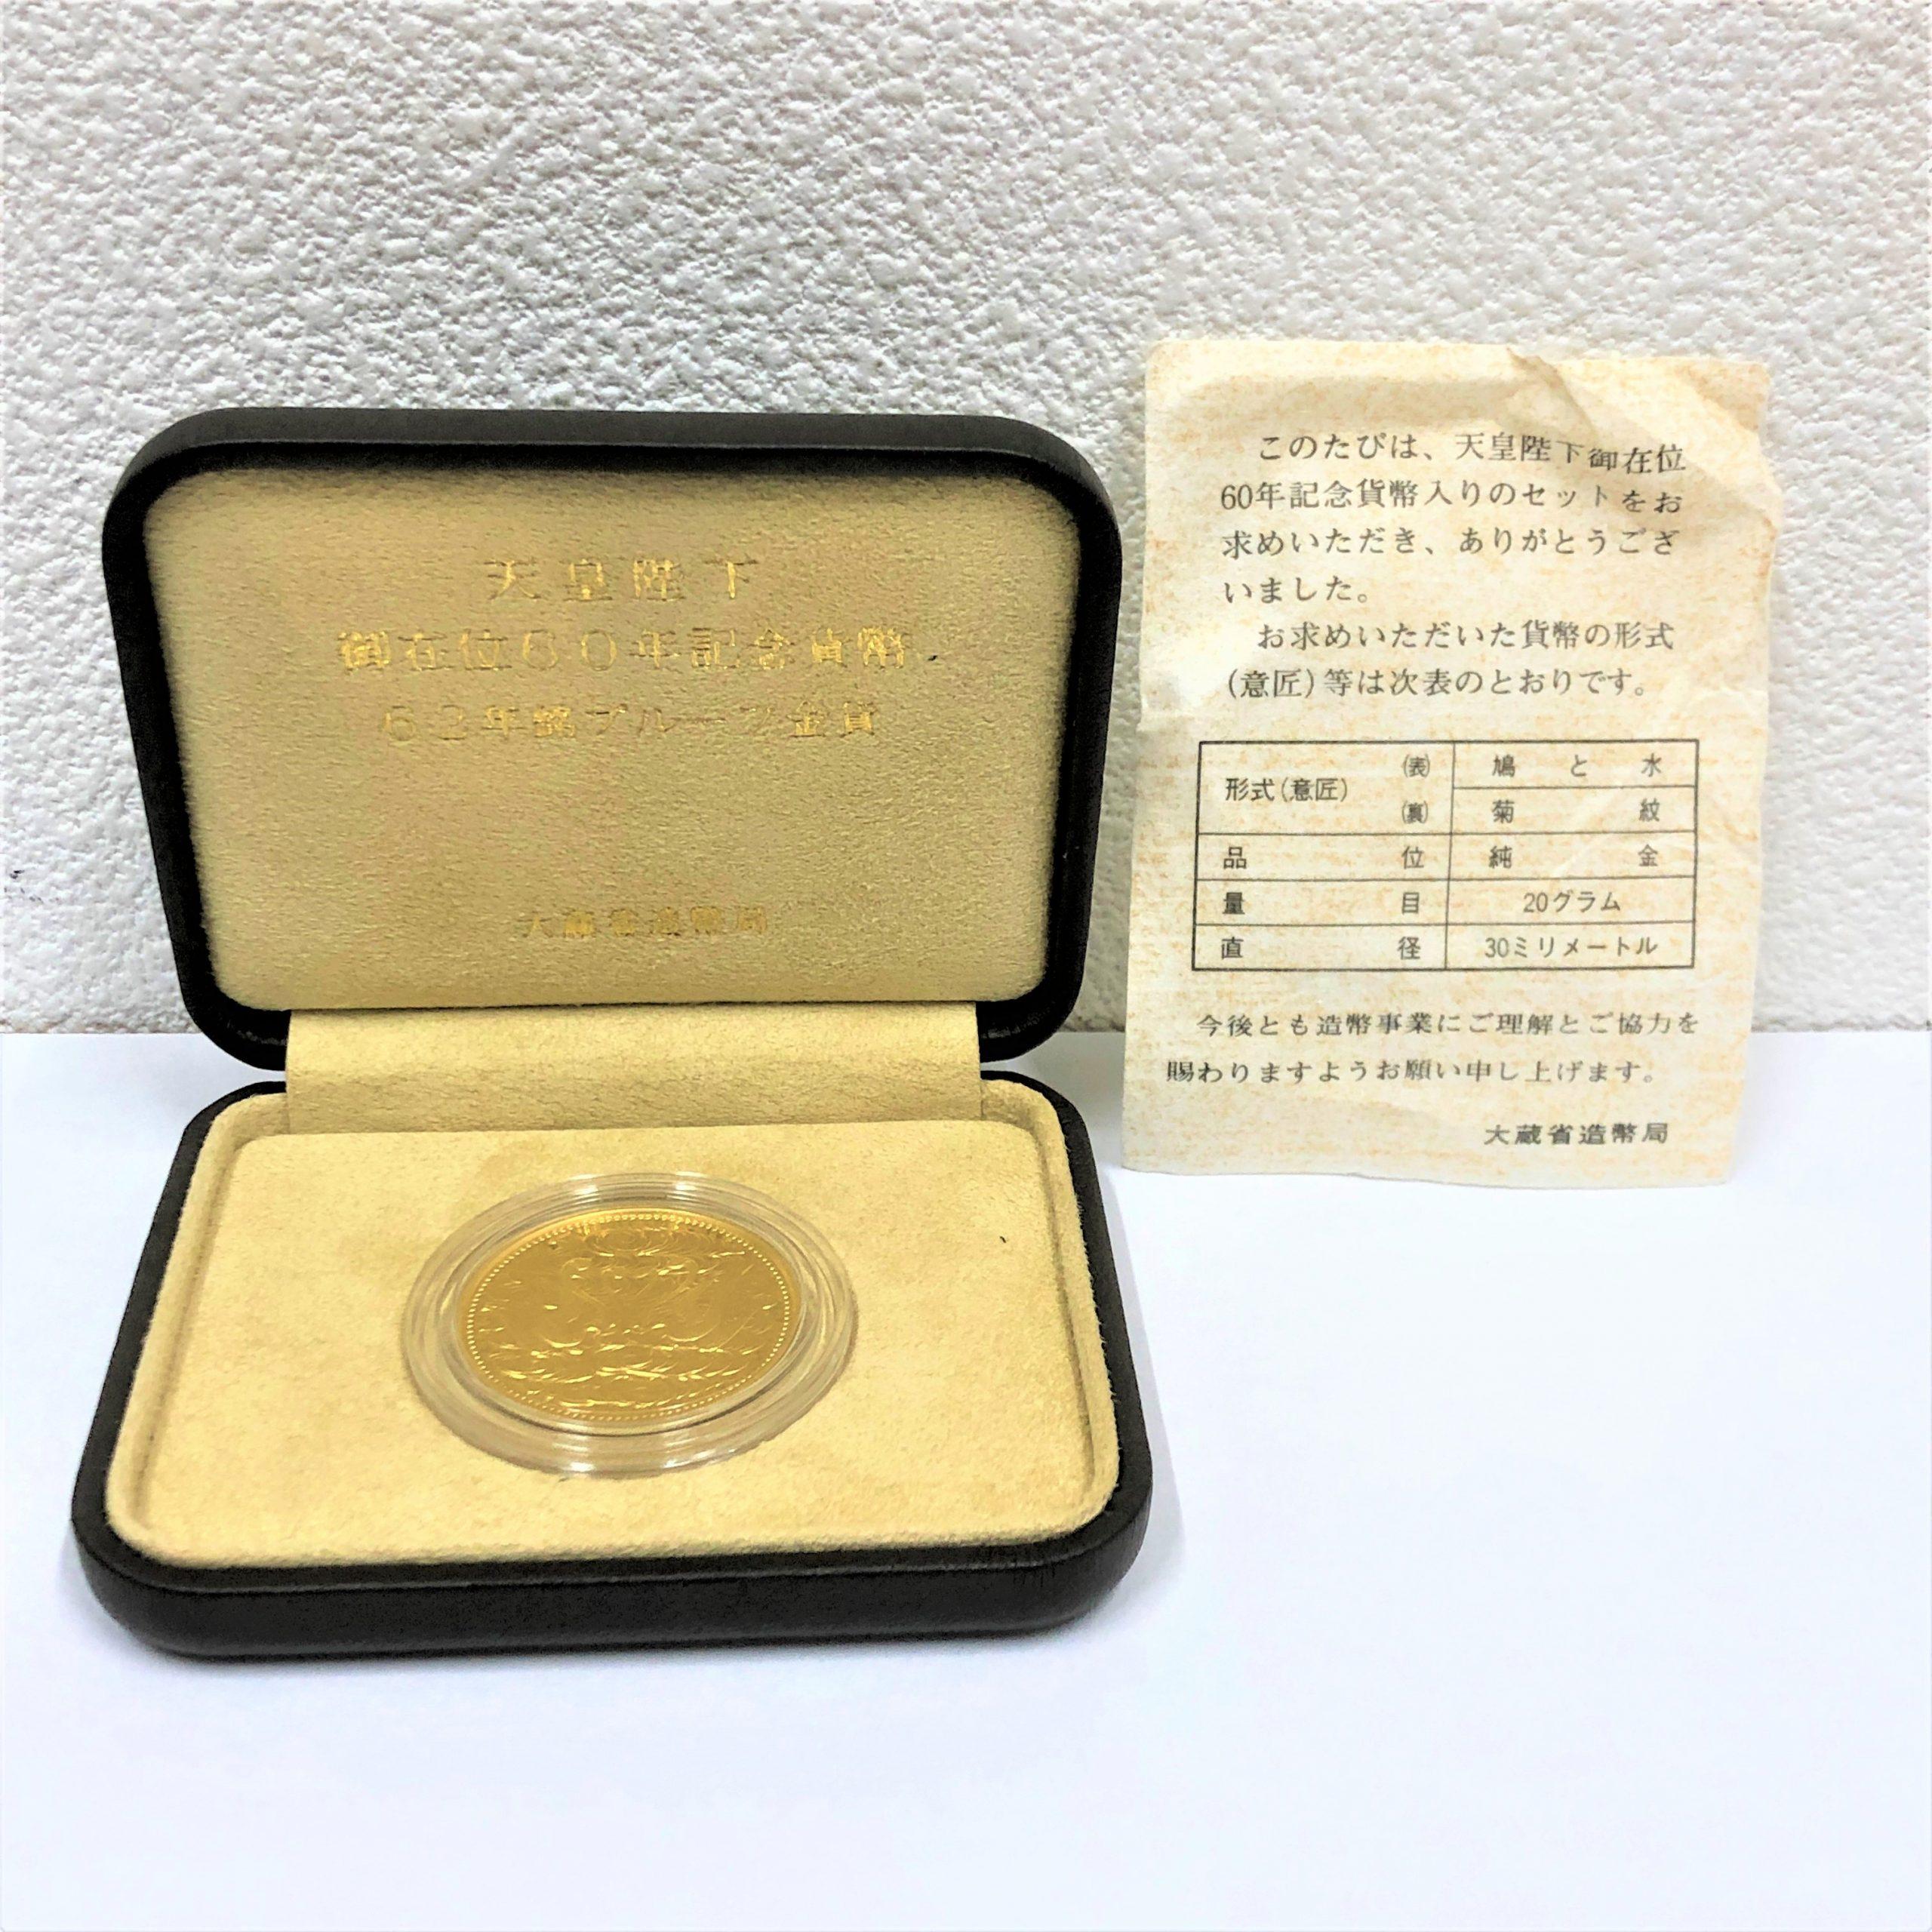 天皇陛下御在位60年記念10万円金貨